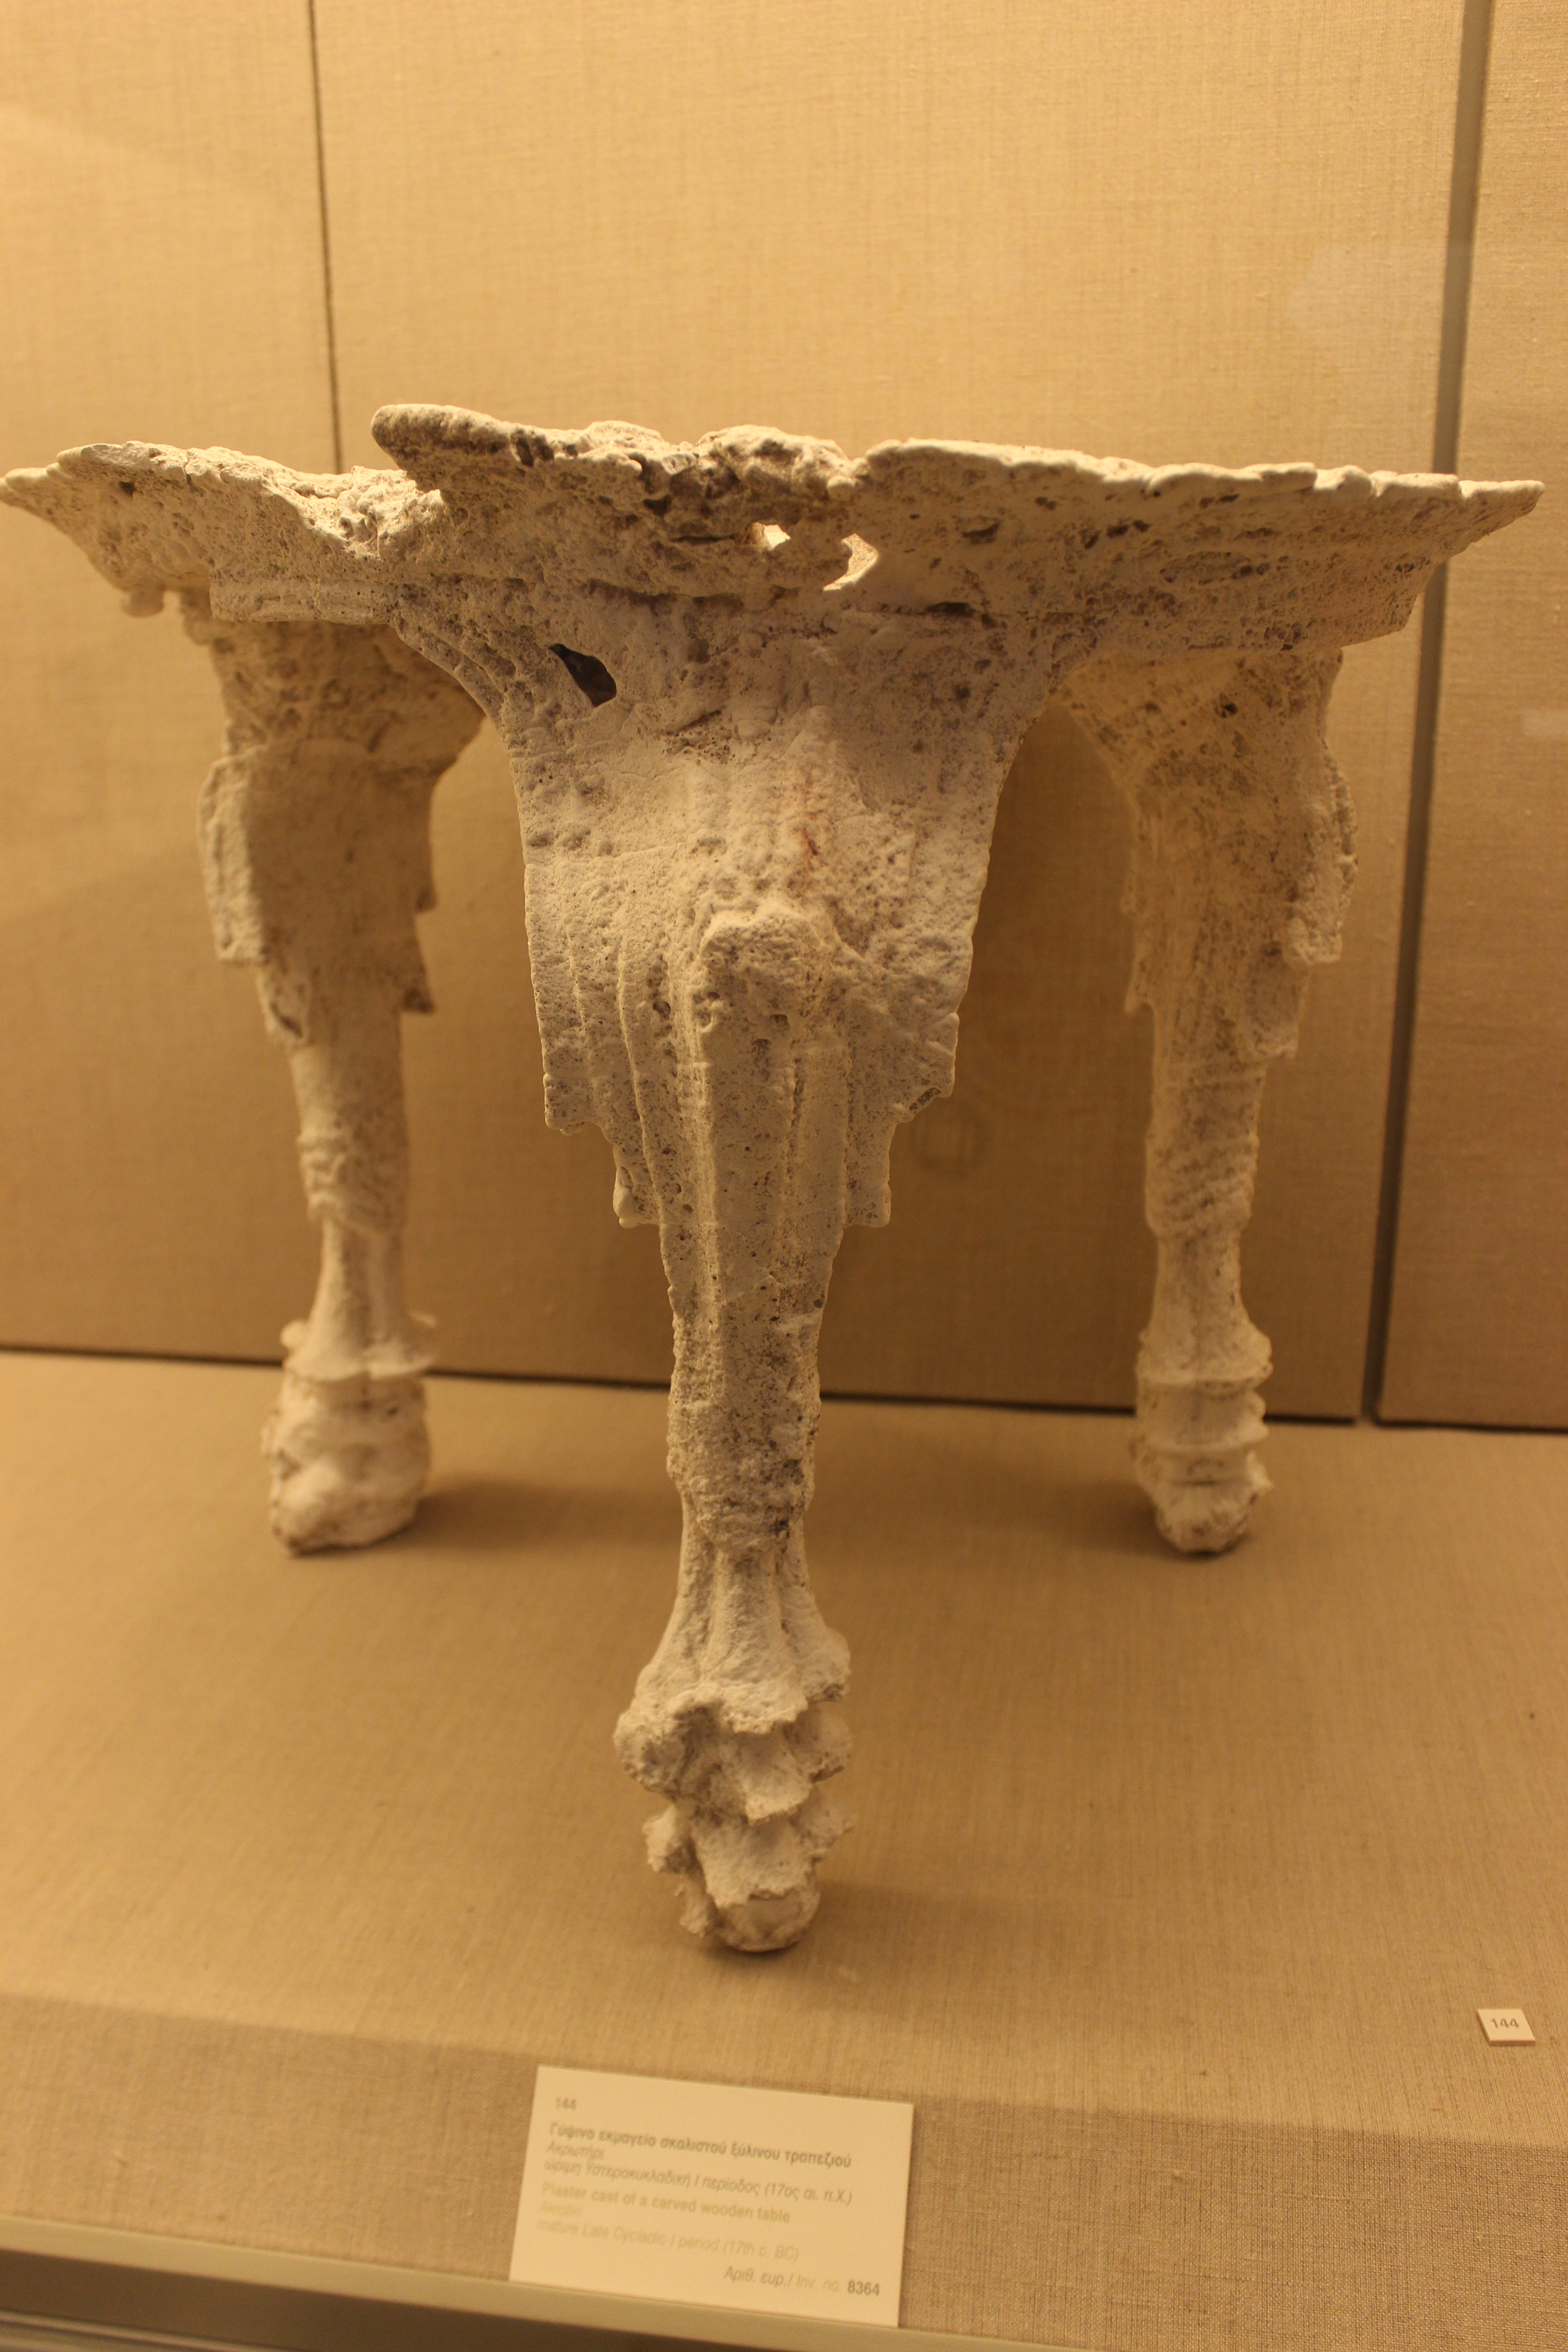 35. Гипсовый слепок деревянного резного стола - 17 в. до н.э, Акротири (Ακρωτήρι). Музей Фиры, Санторини